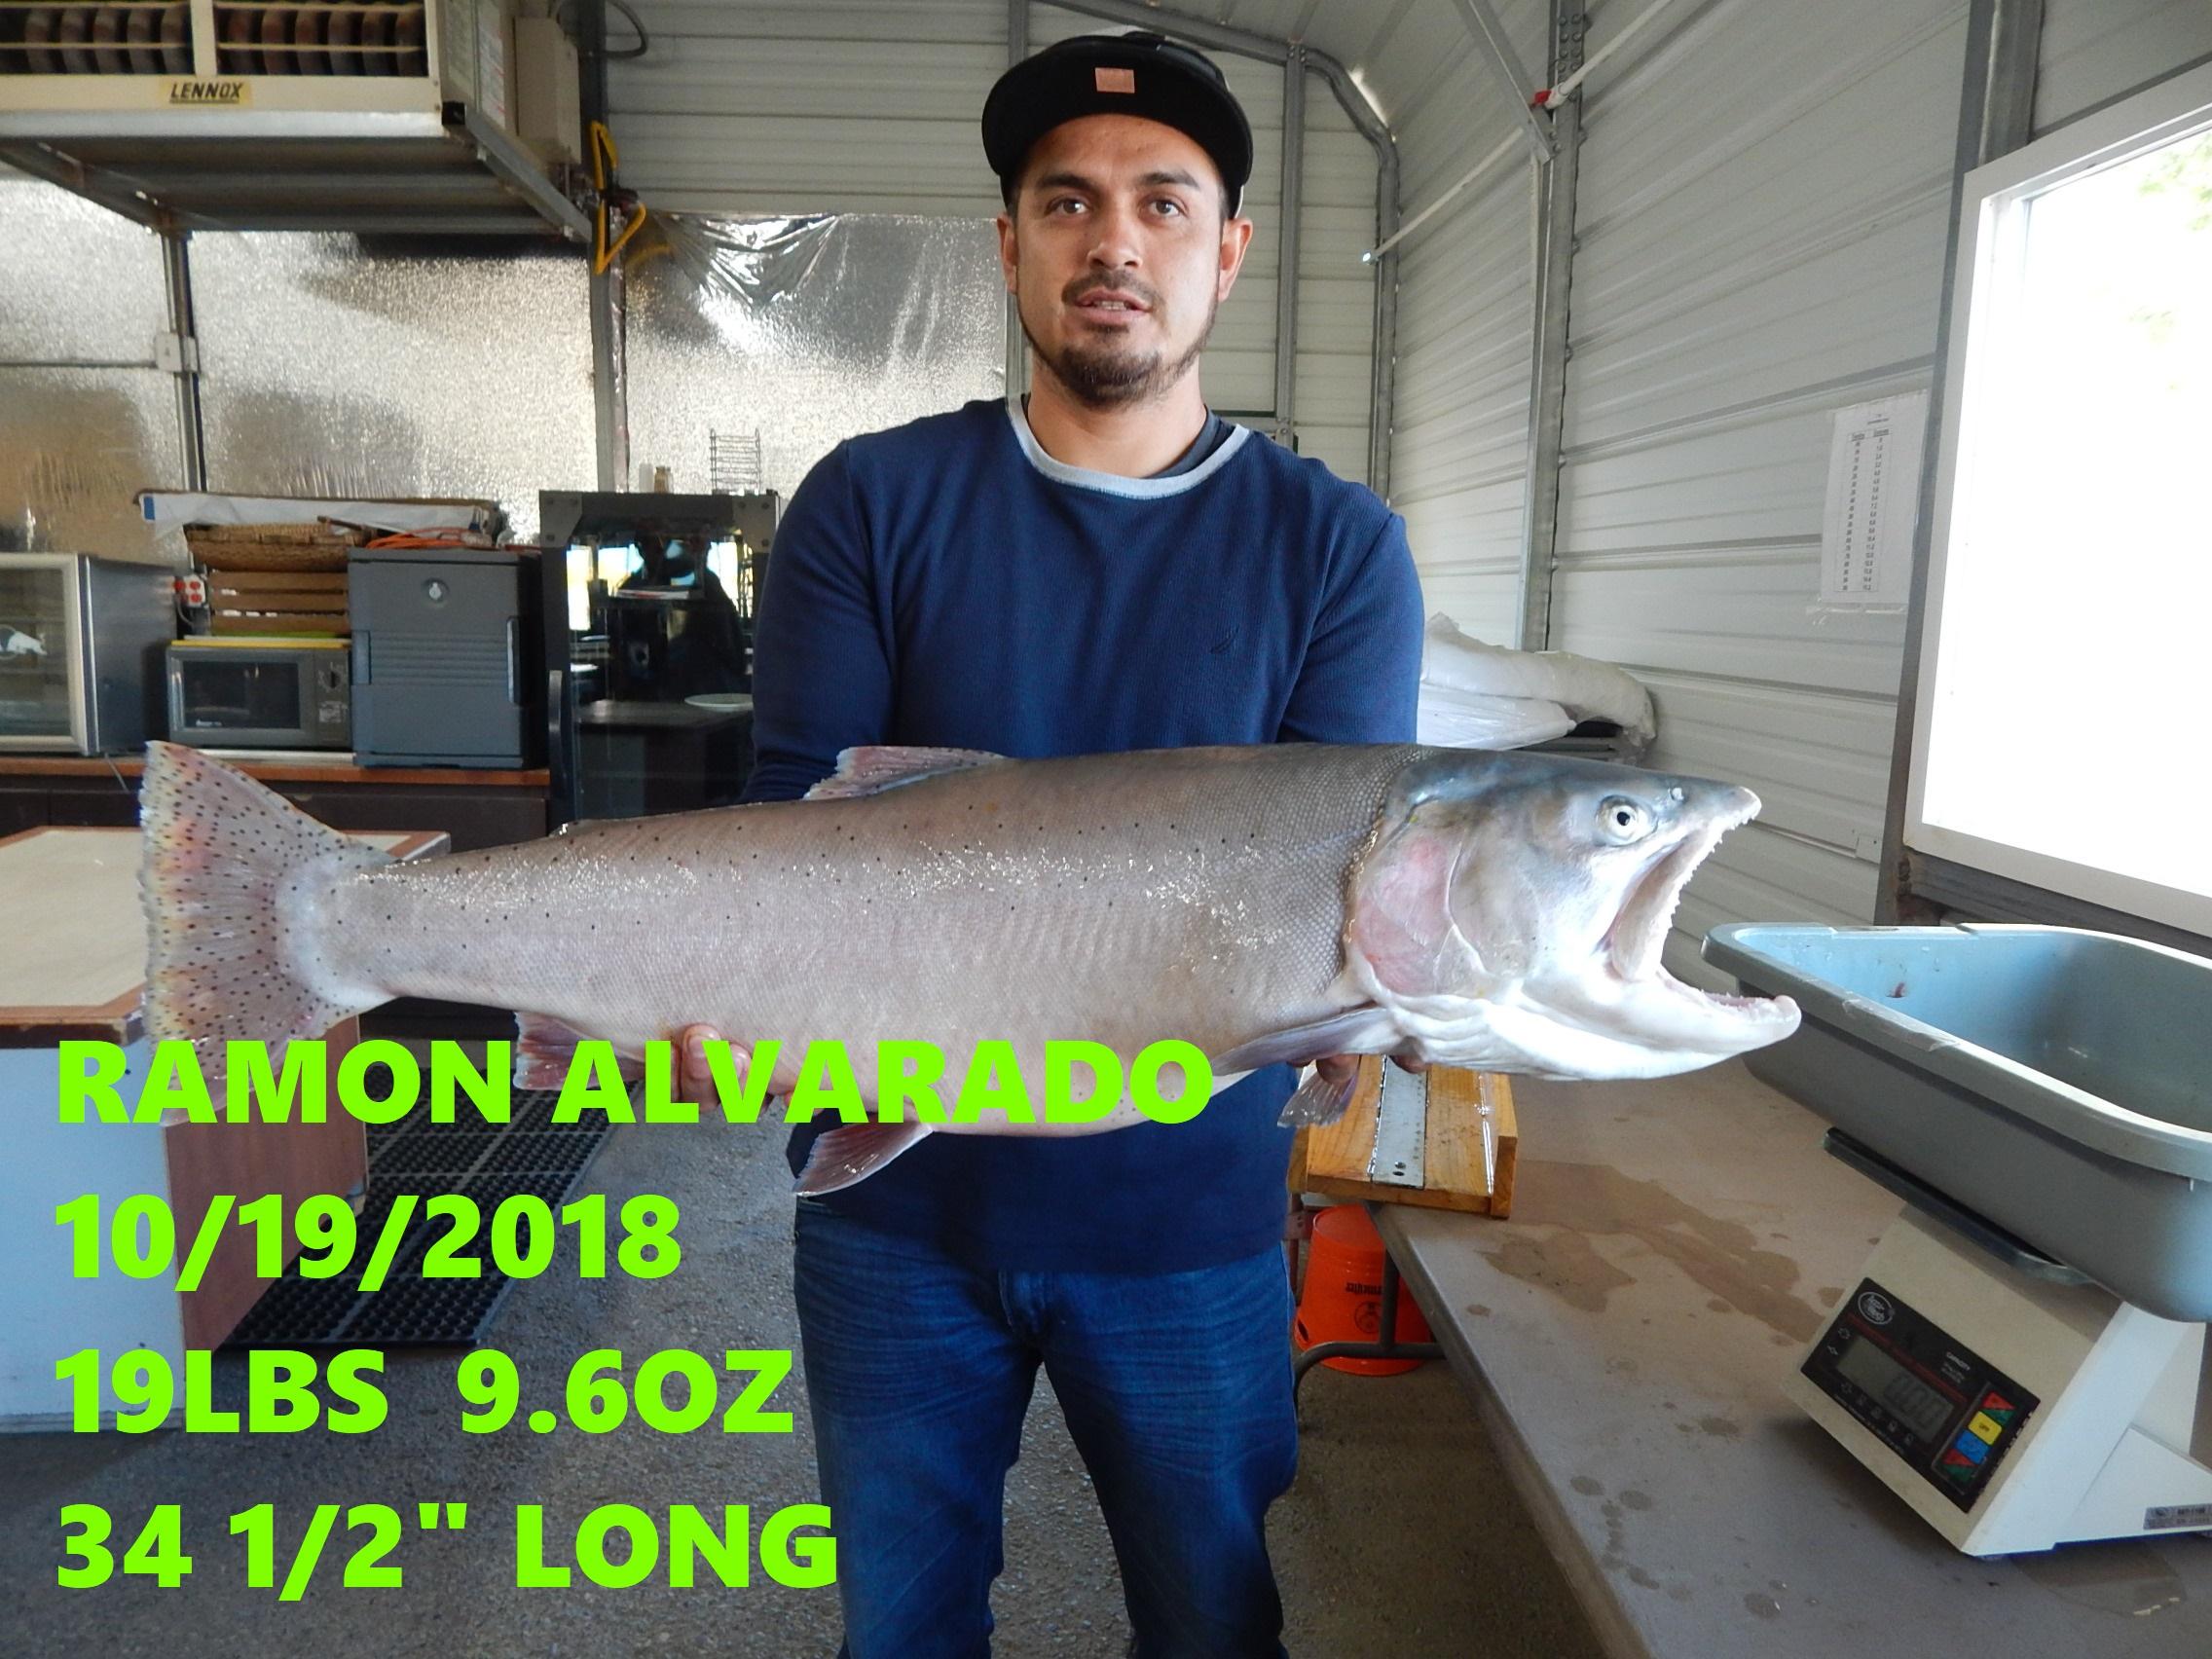 RAMON ALVARADO 10-19-18.jpg